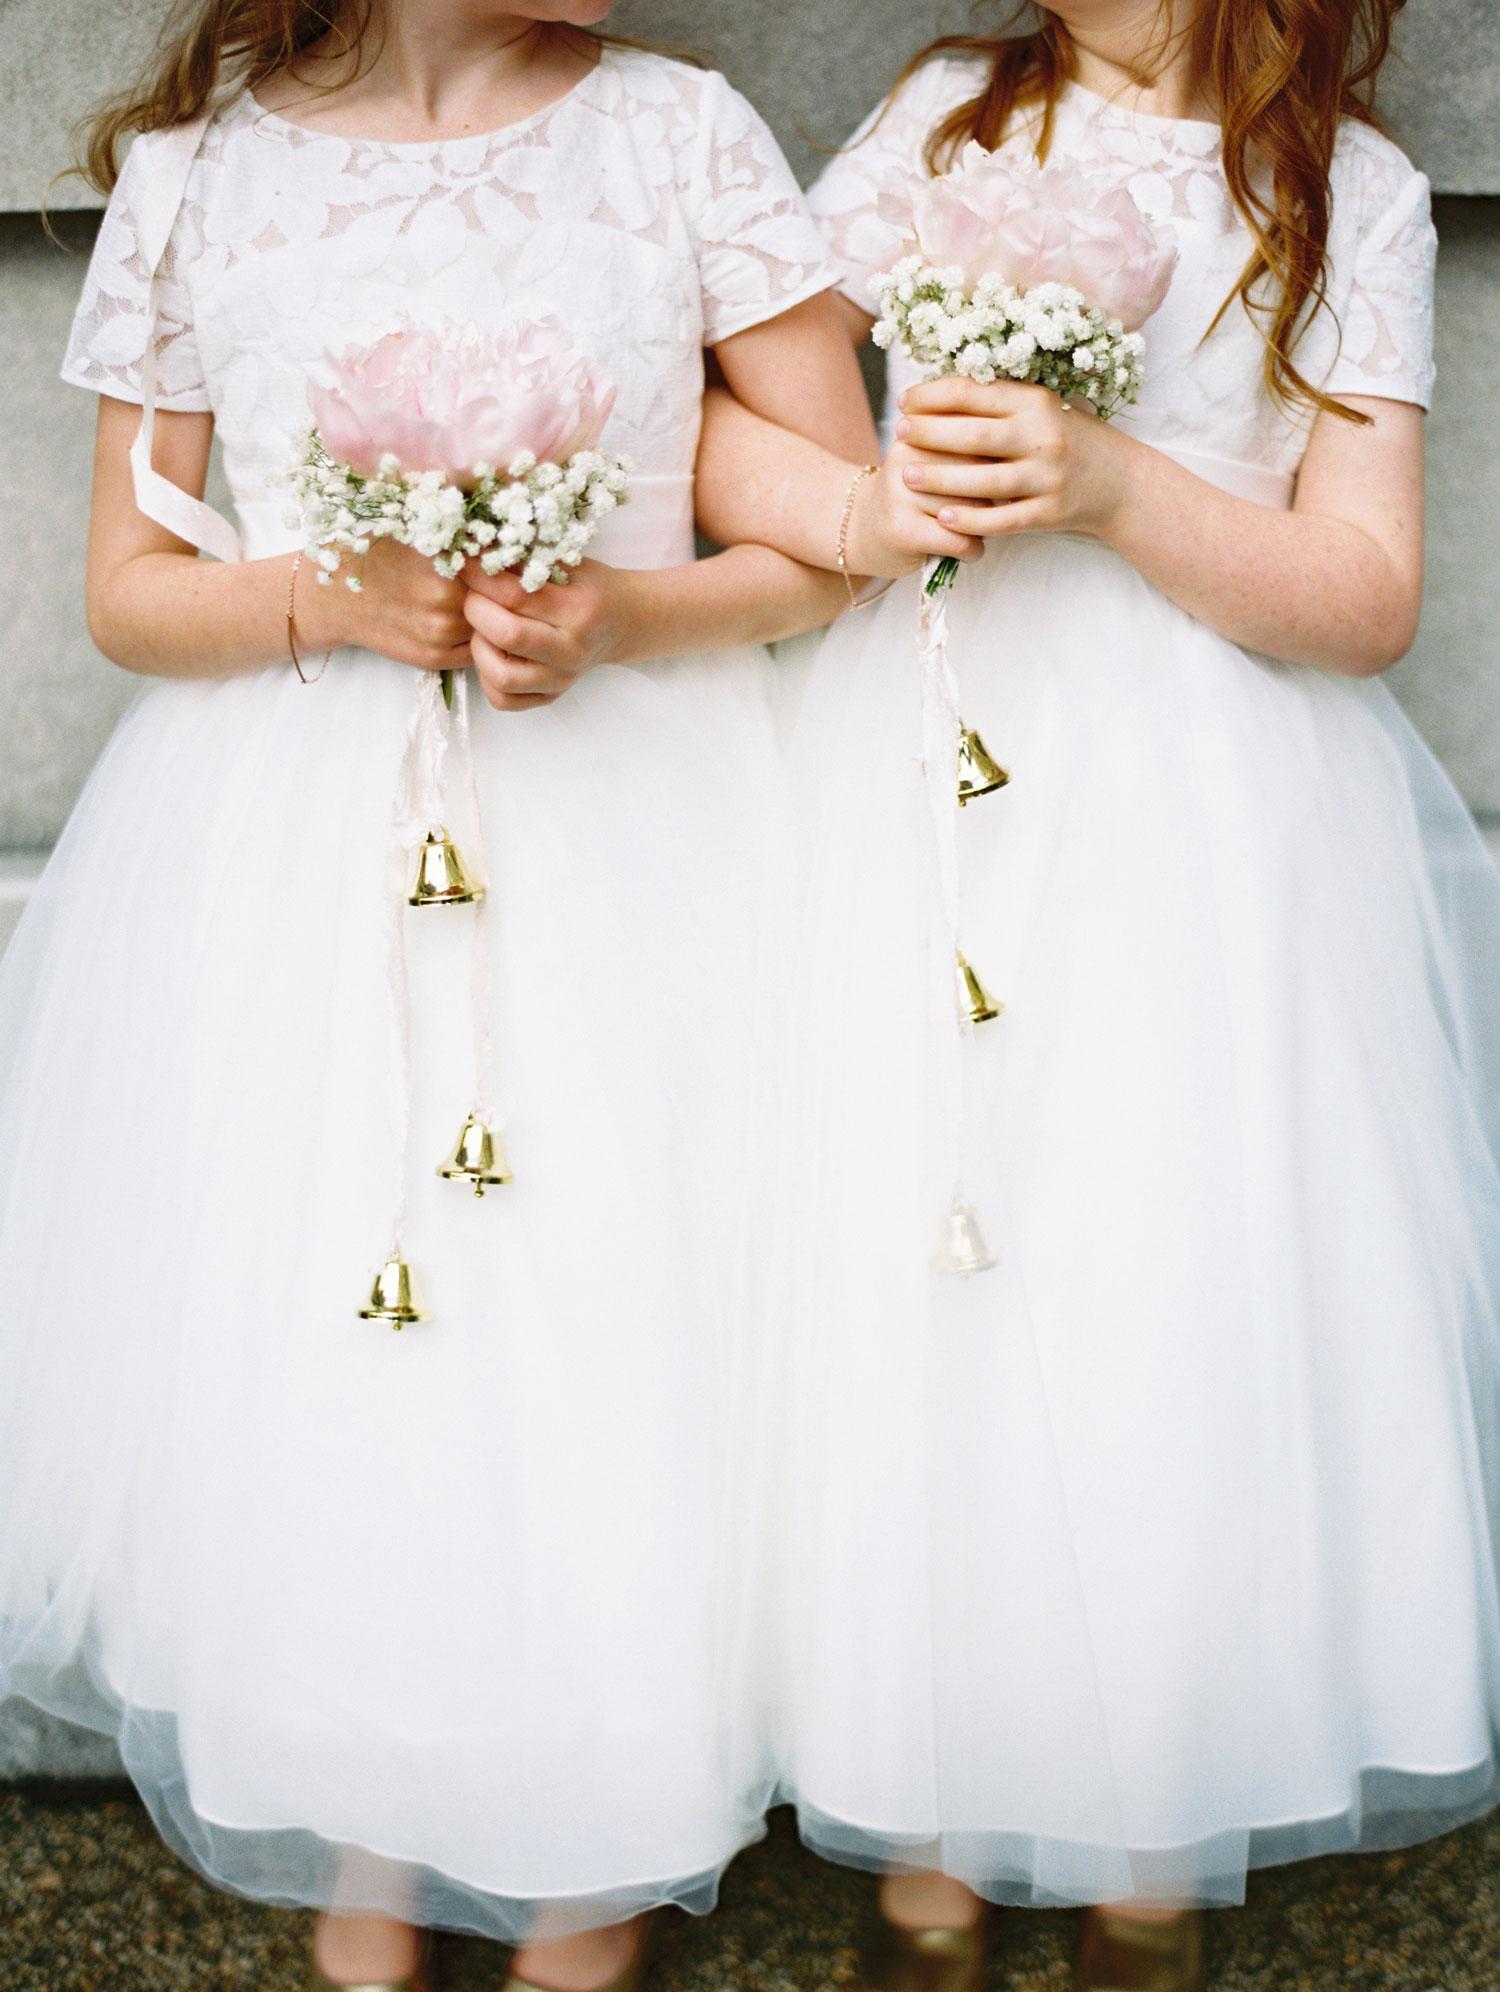 Irish Wedding Traditions.10 Irish Wedding Traditions Inside Weddings